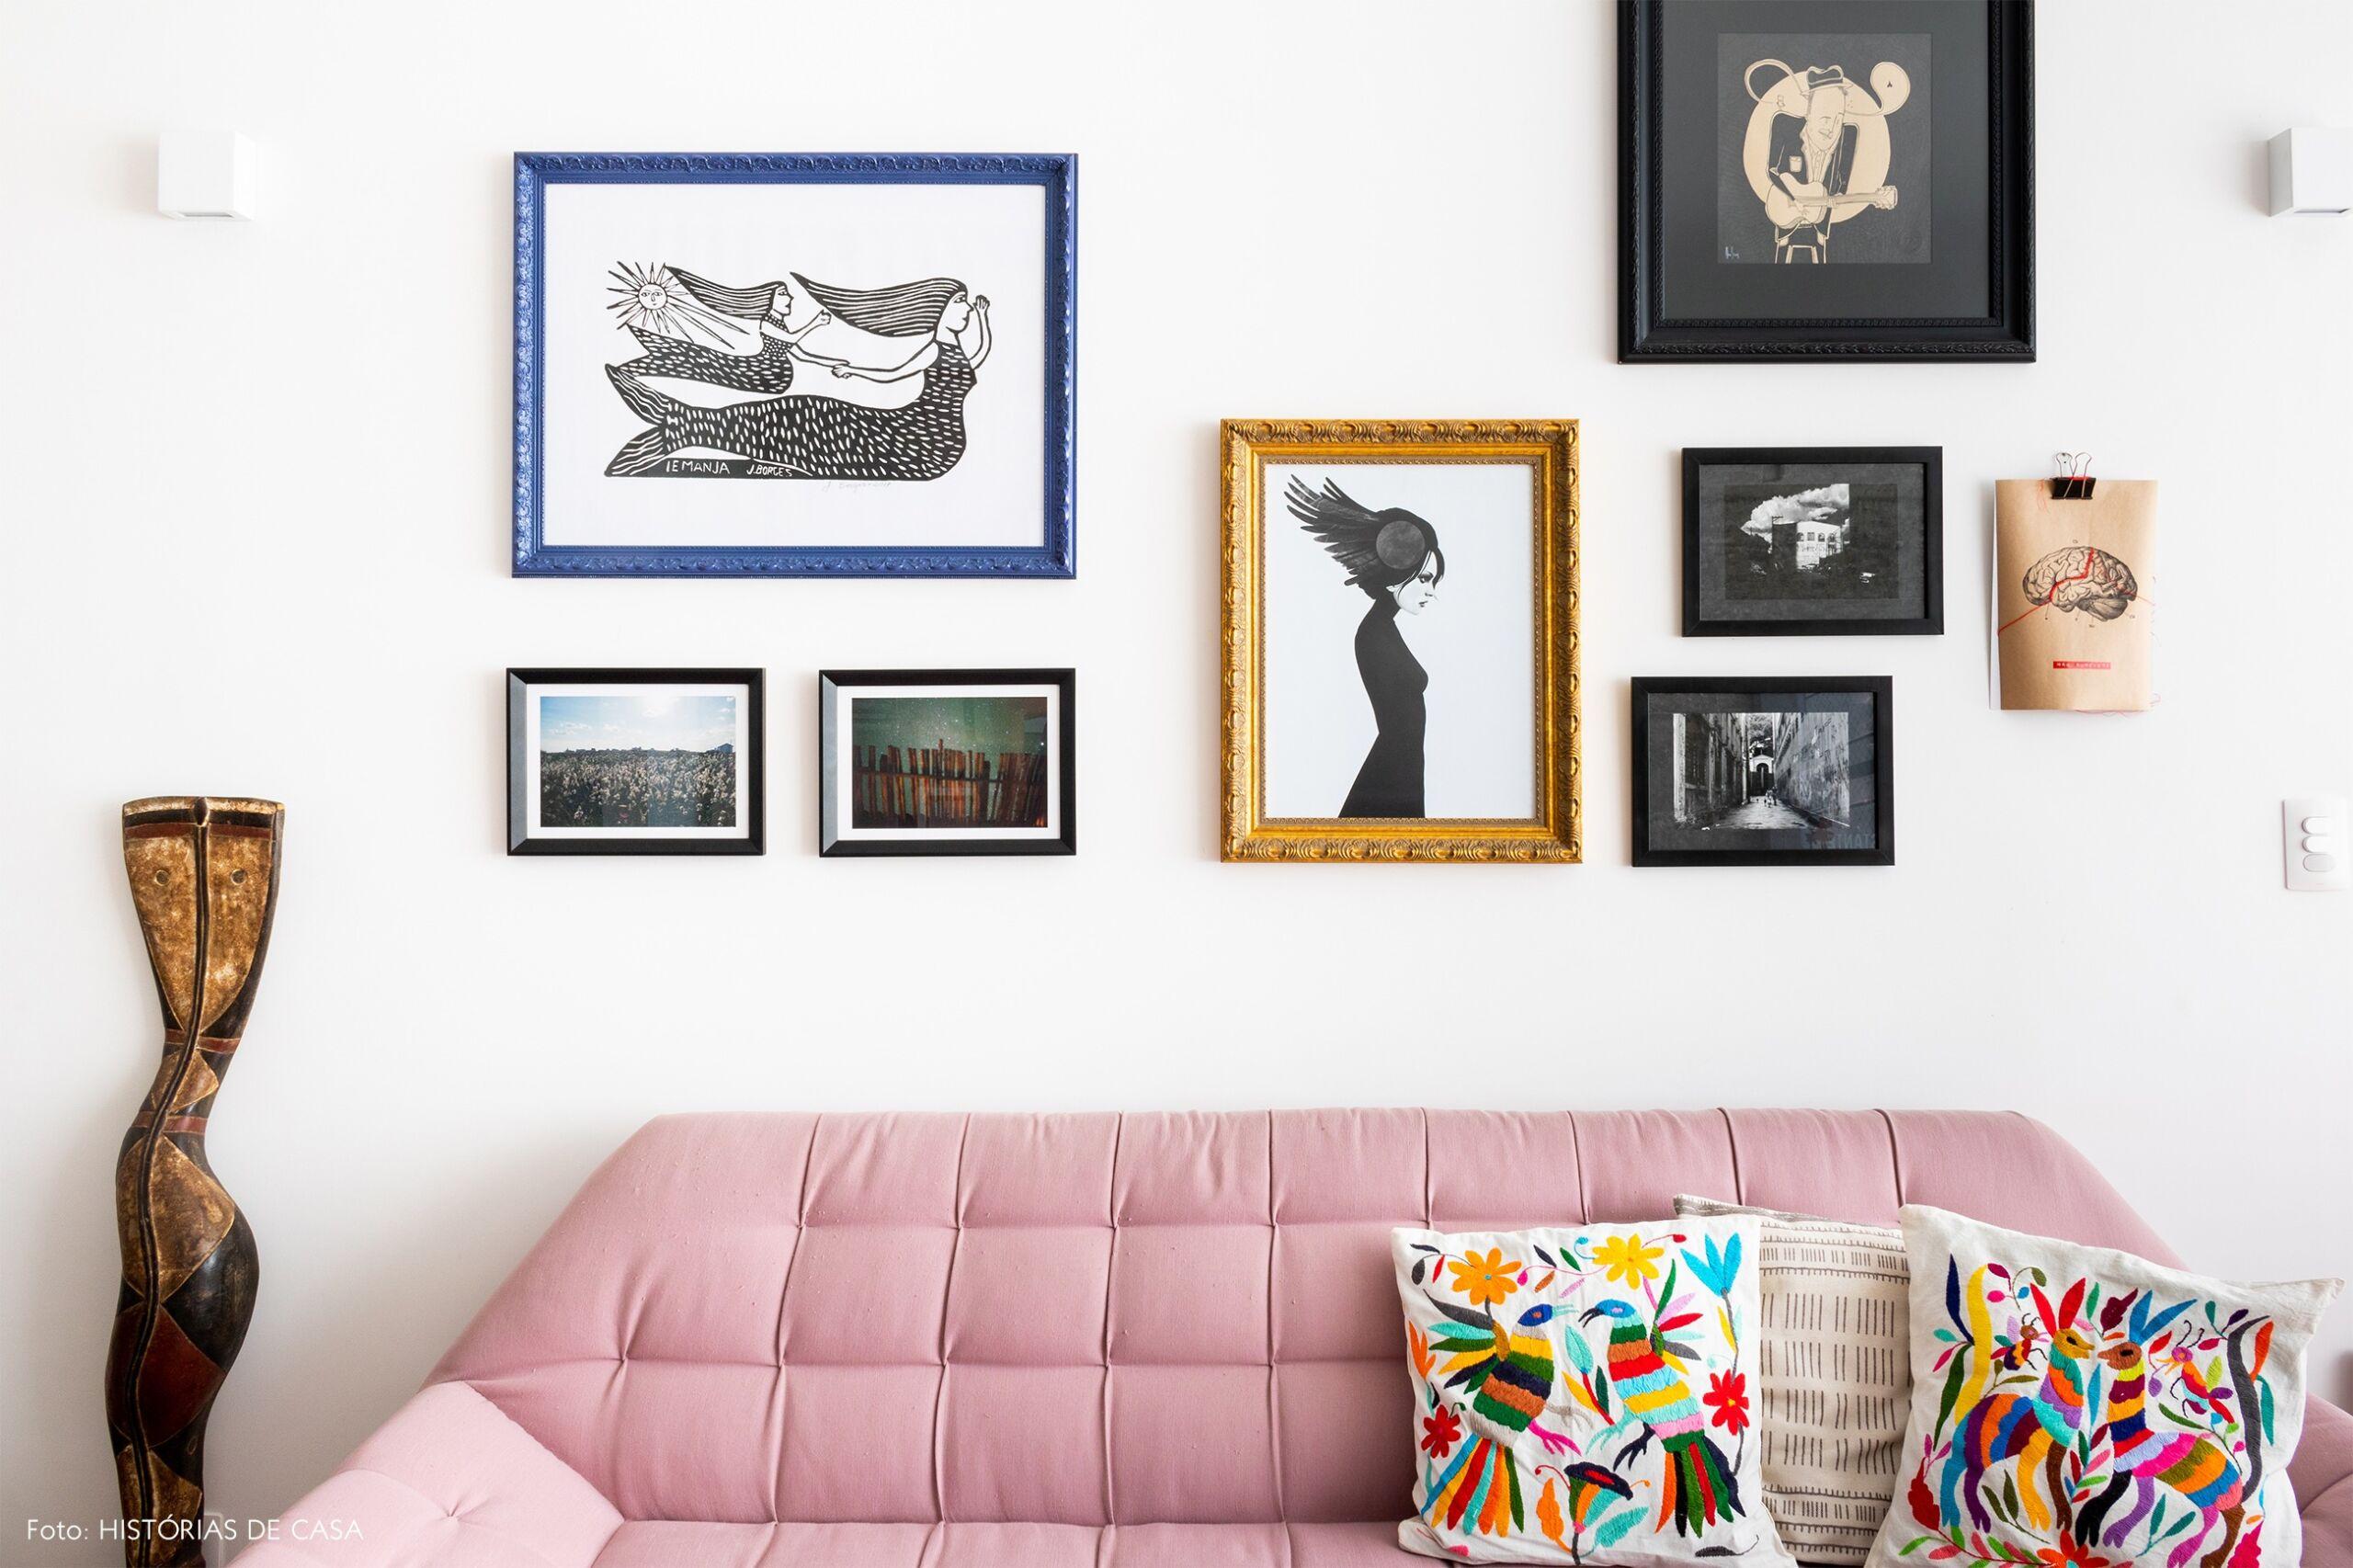 sala-sofa-rosa-detalhe-quadros